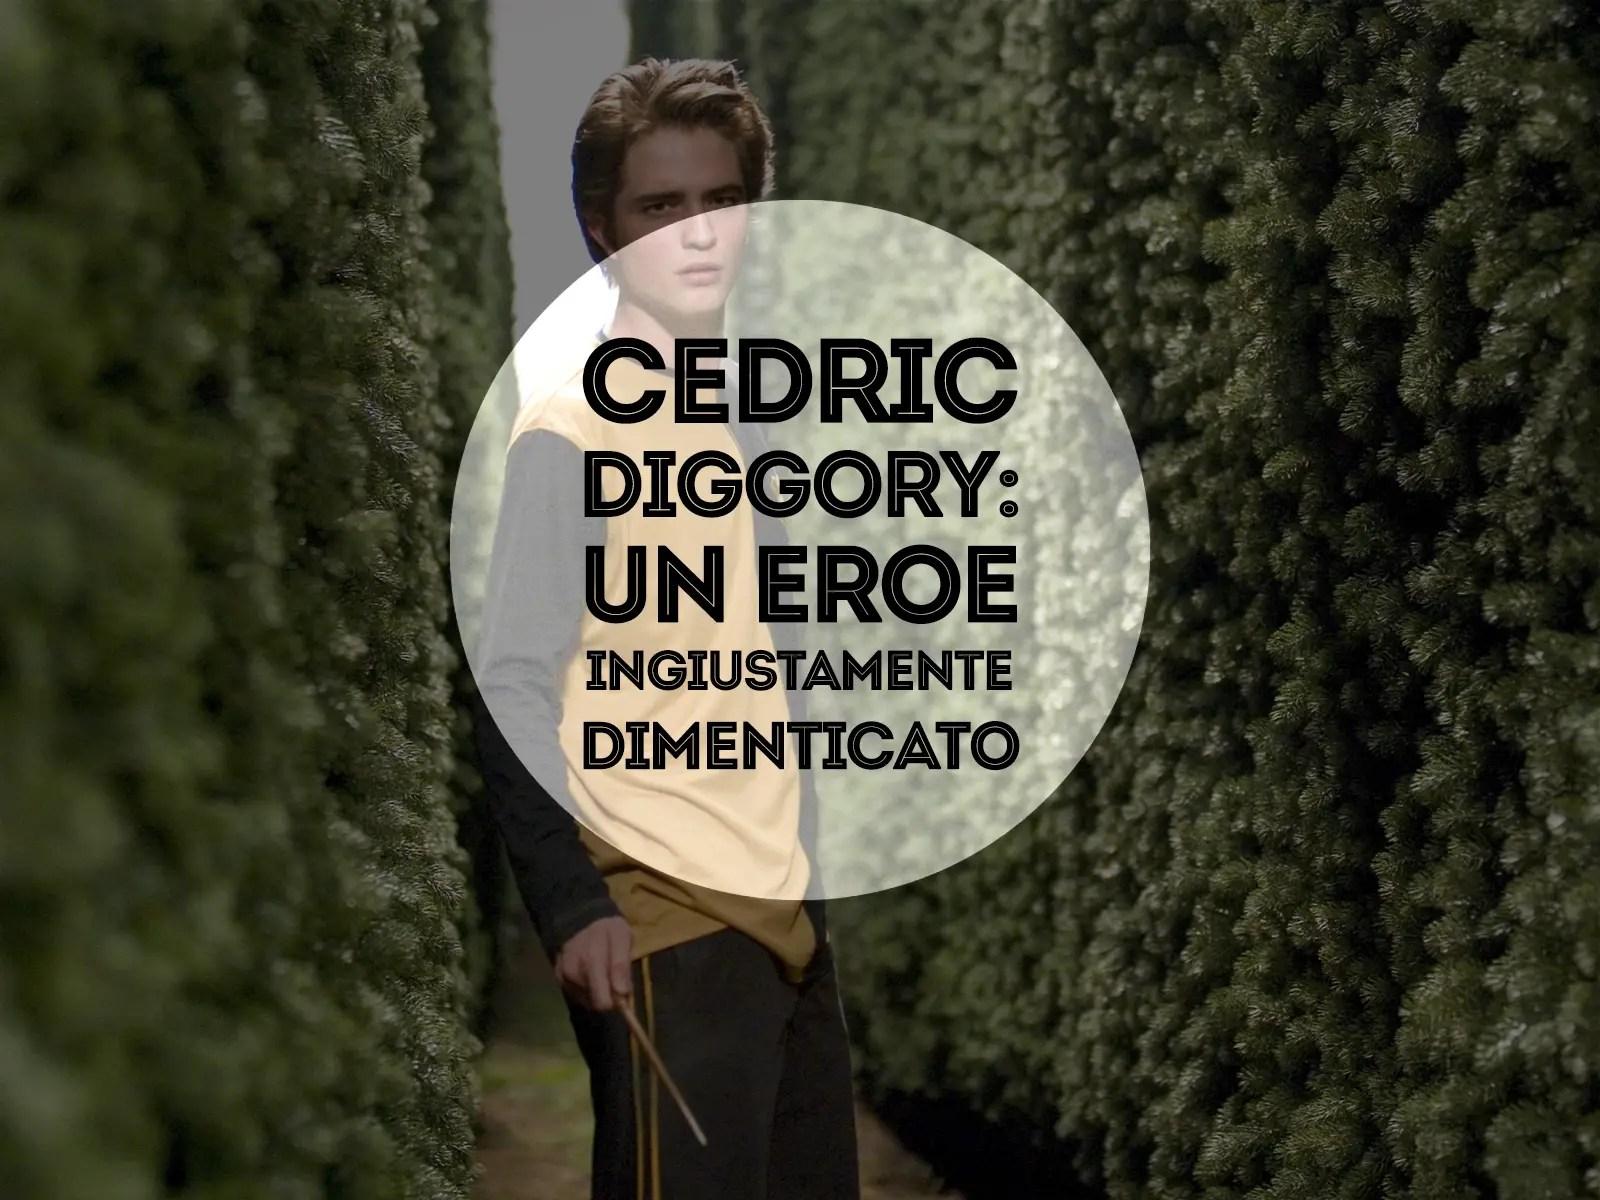 Cedric Diggory un eroe ingiustamente dimenticato